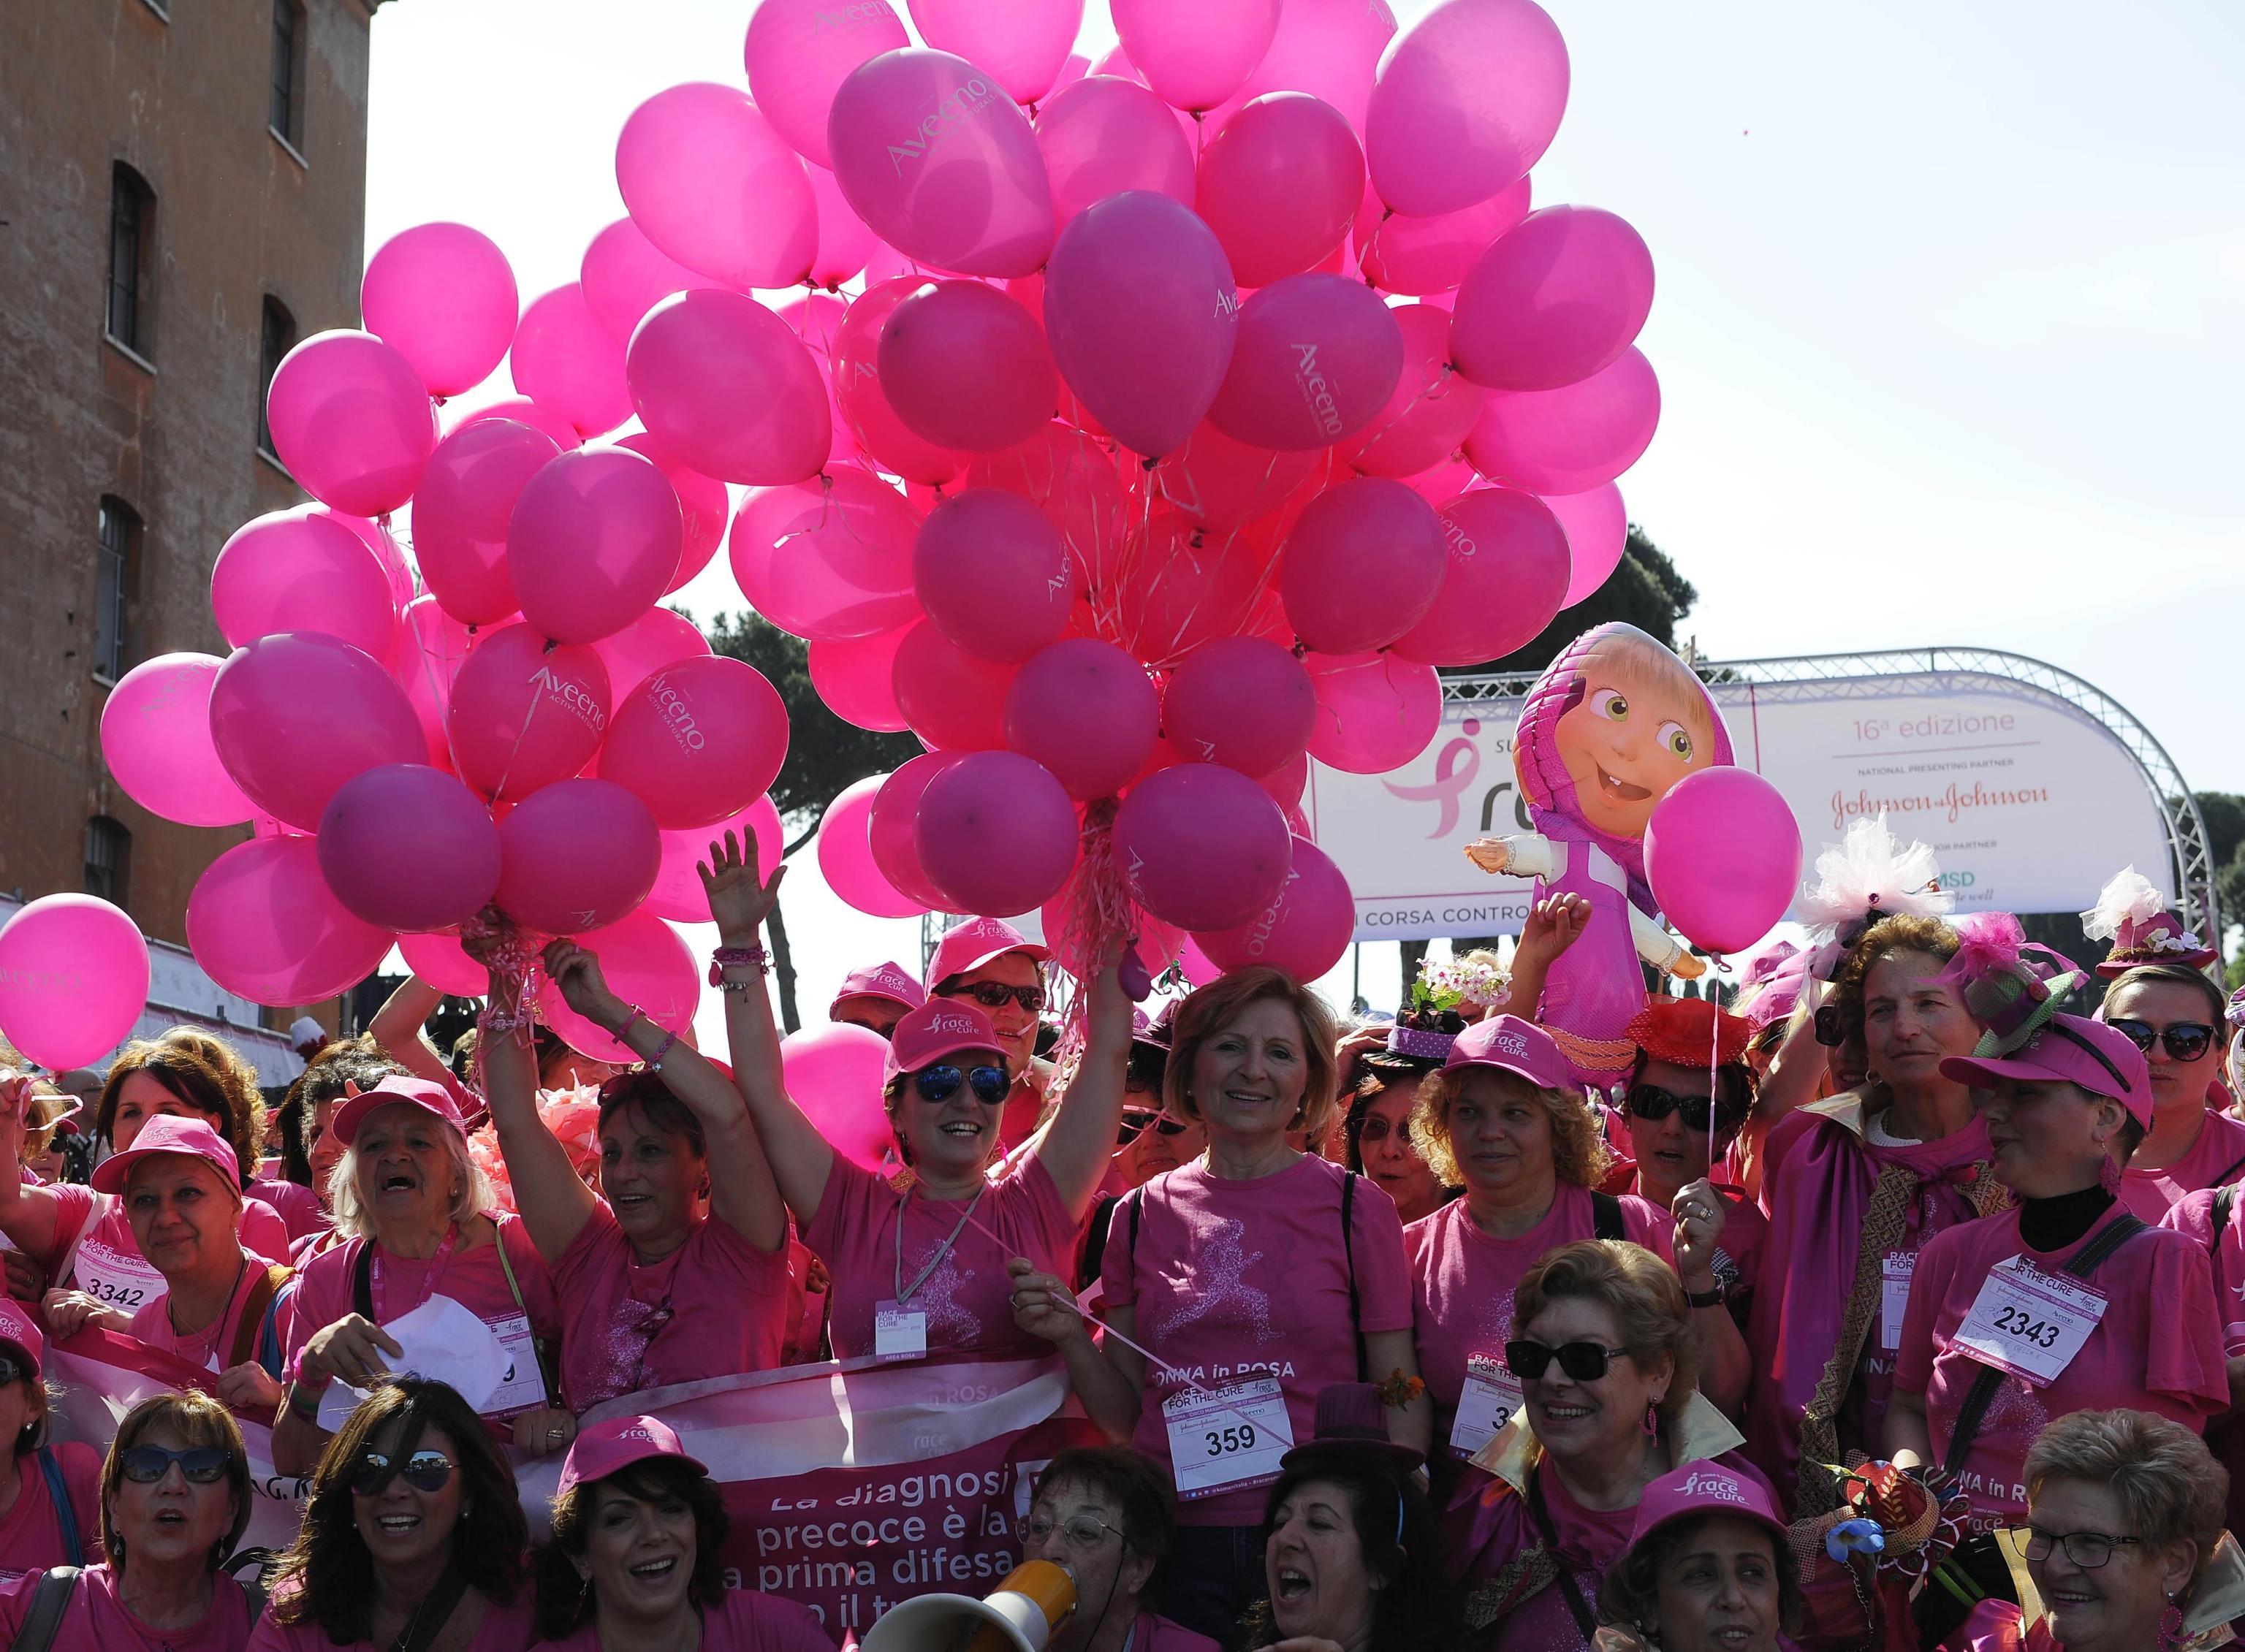 Visite gratuite al seno dal 1 al 4 agosto al Cardarelli di Campobasso